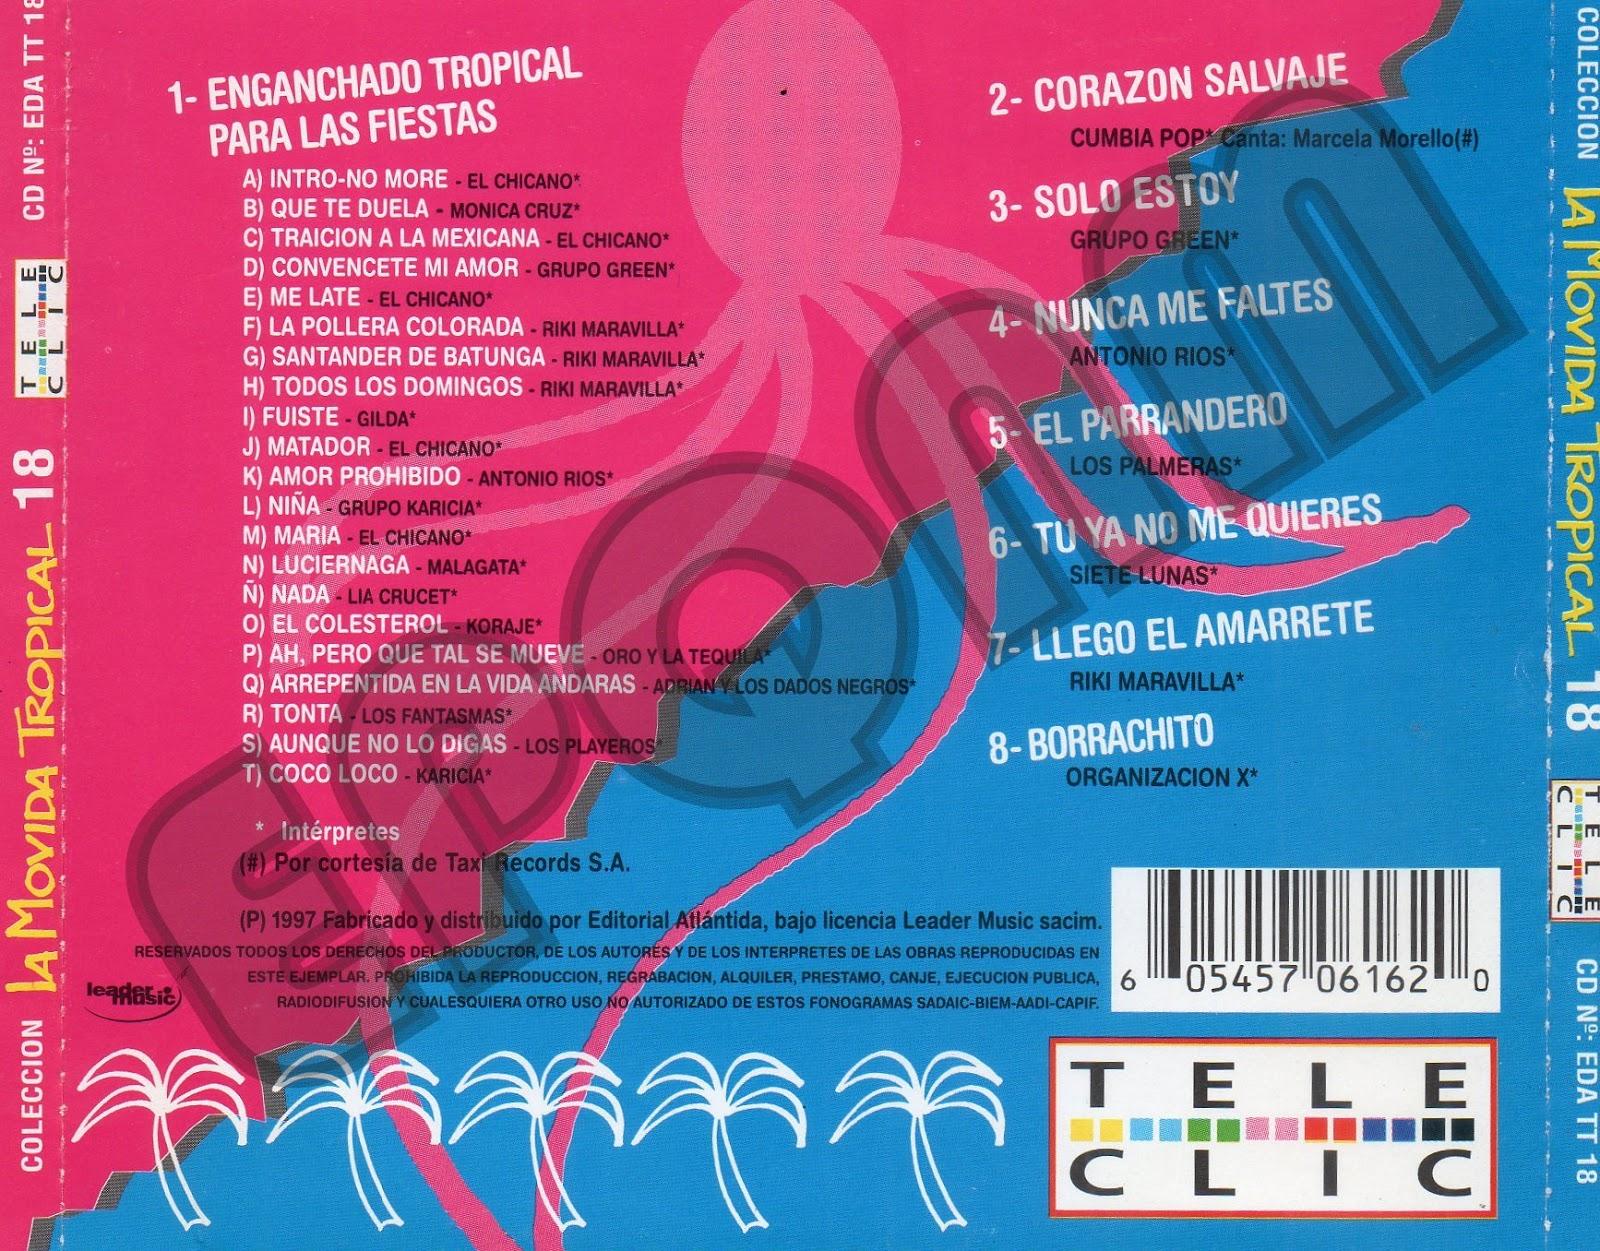 RECUERDOS SIEMPRE 1 - RS1: LA MOVIDA TROPICAL CD 18 1997